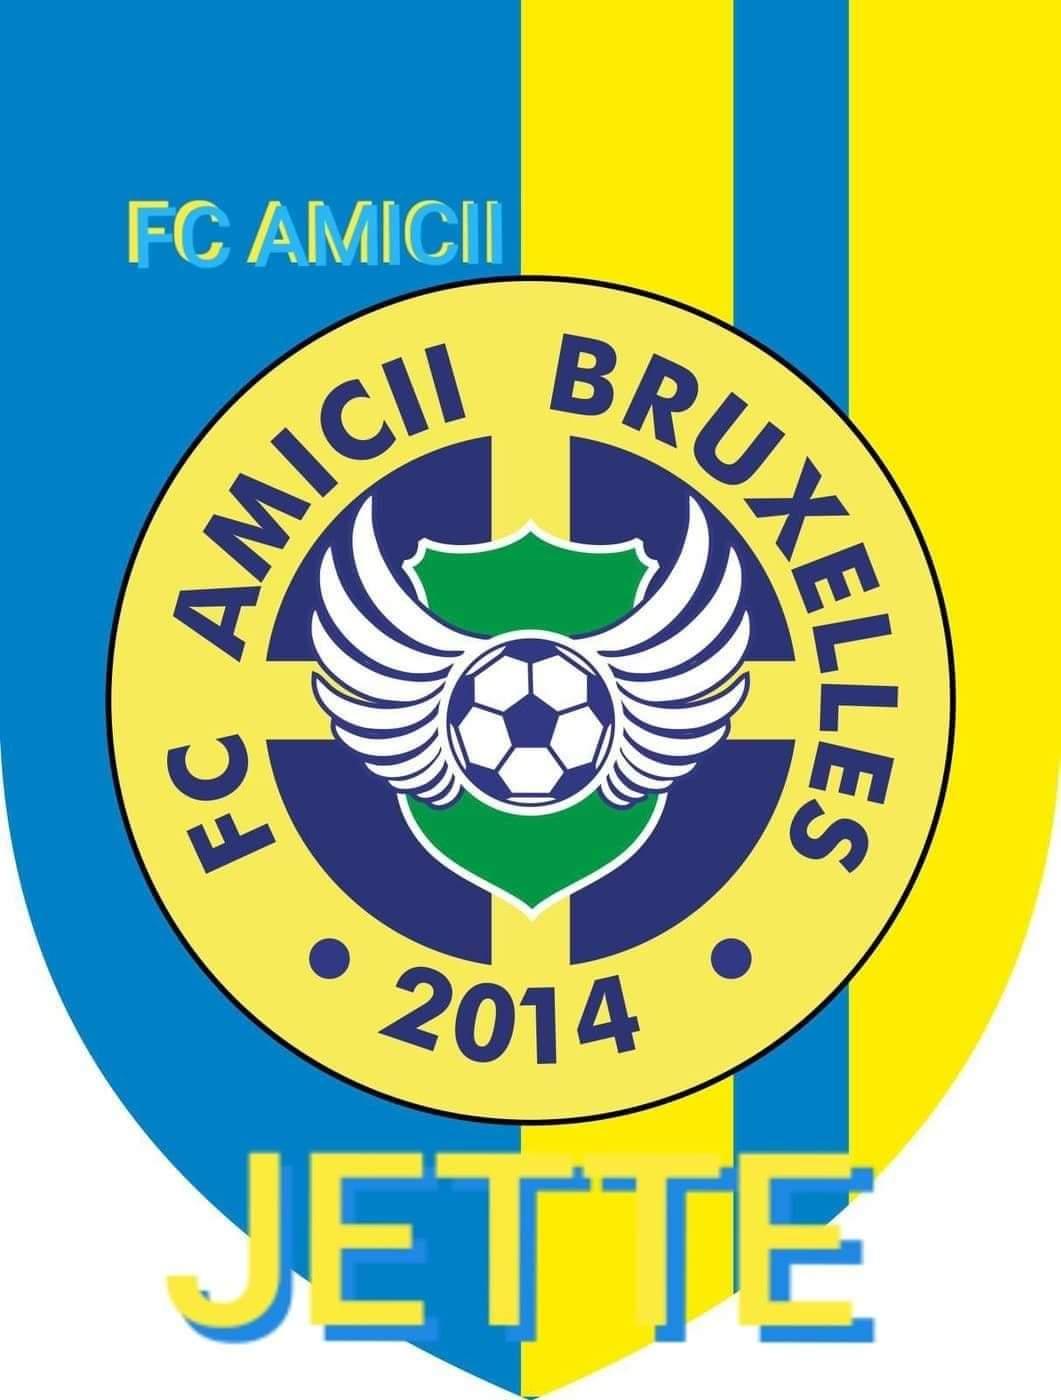 2 - FC.Amicii Bxl Jette A